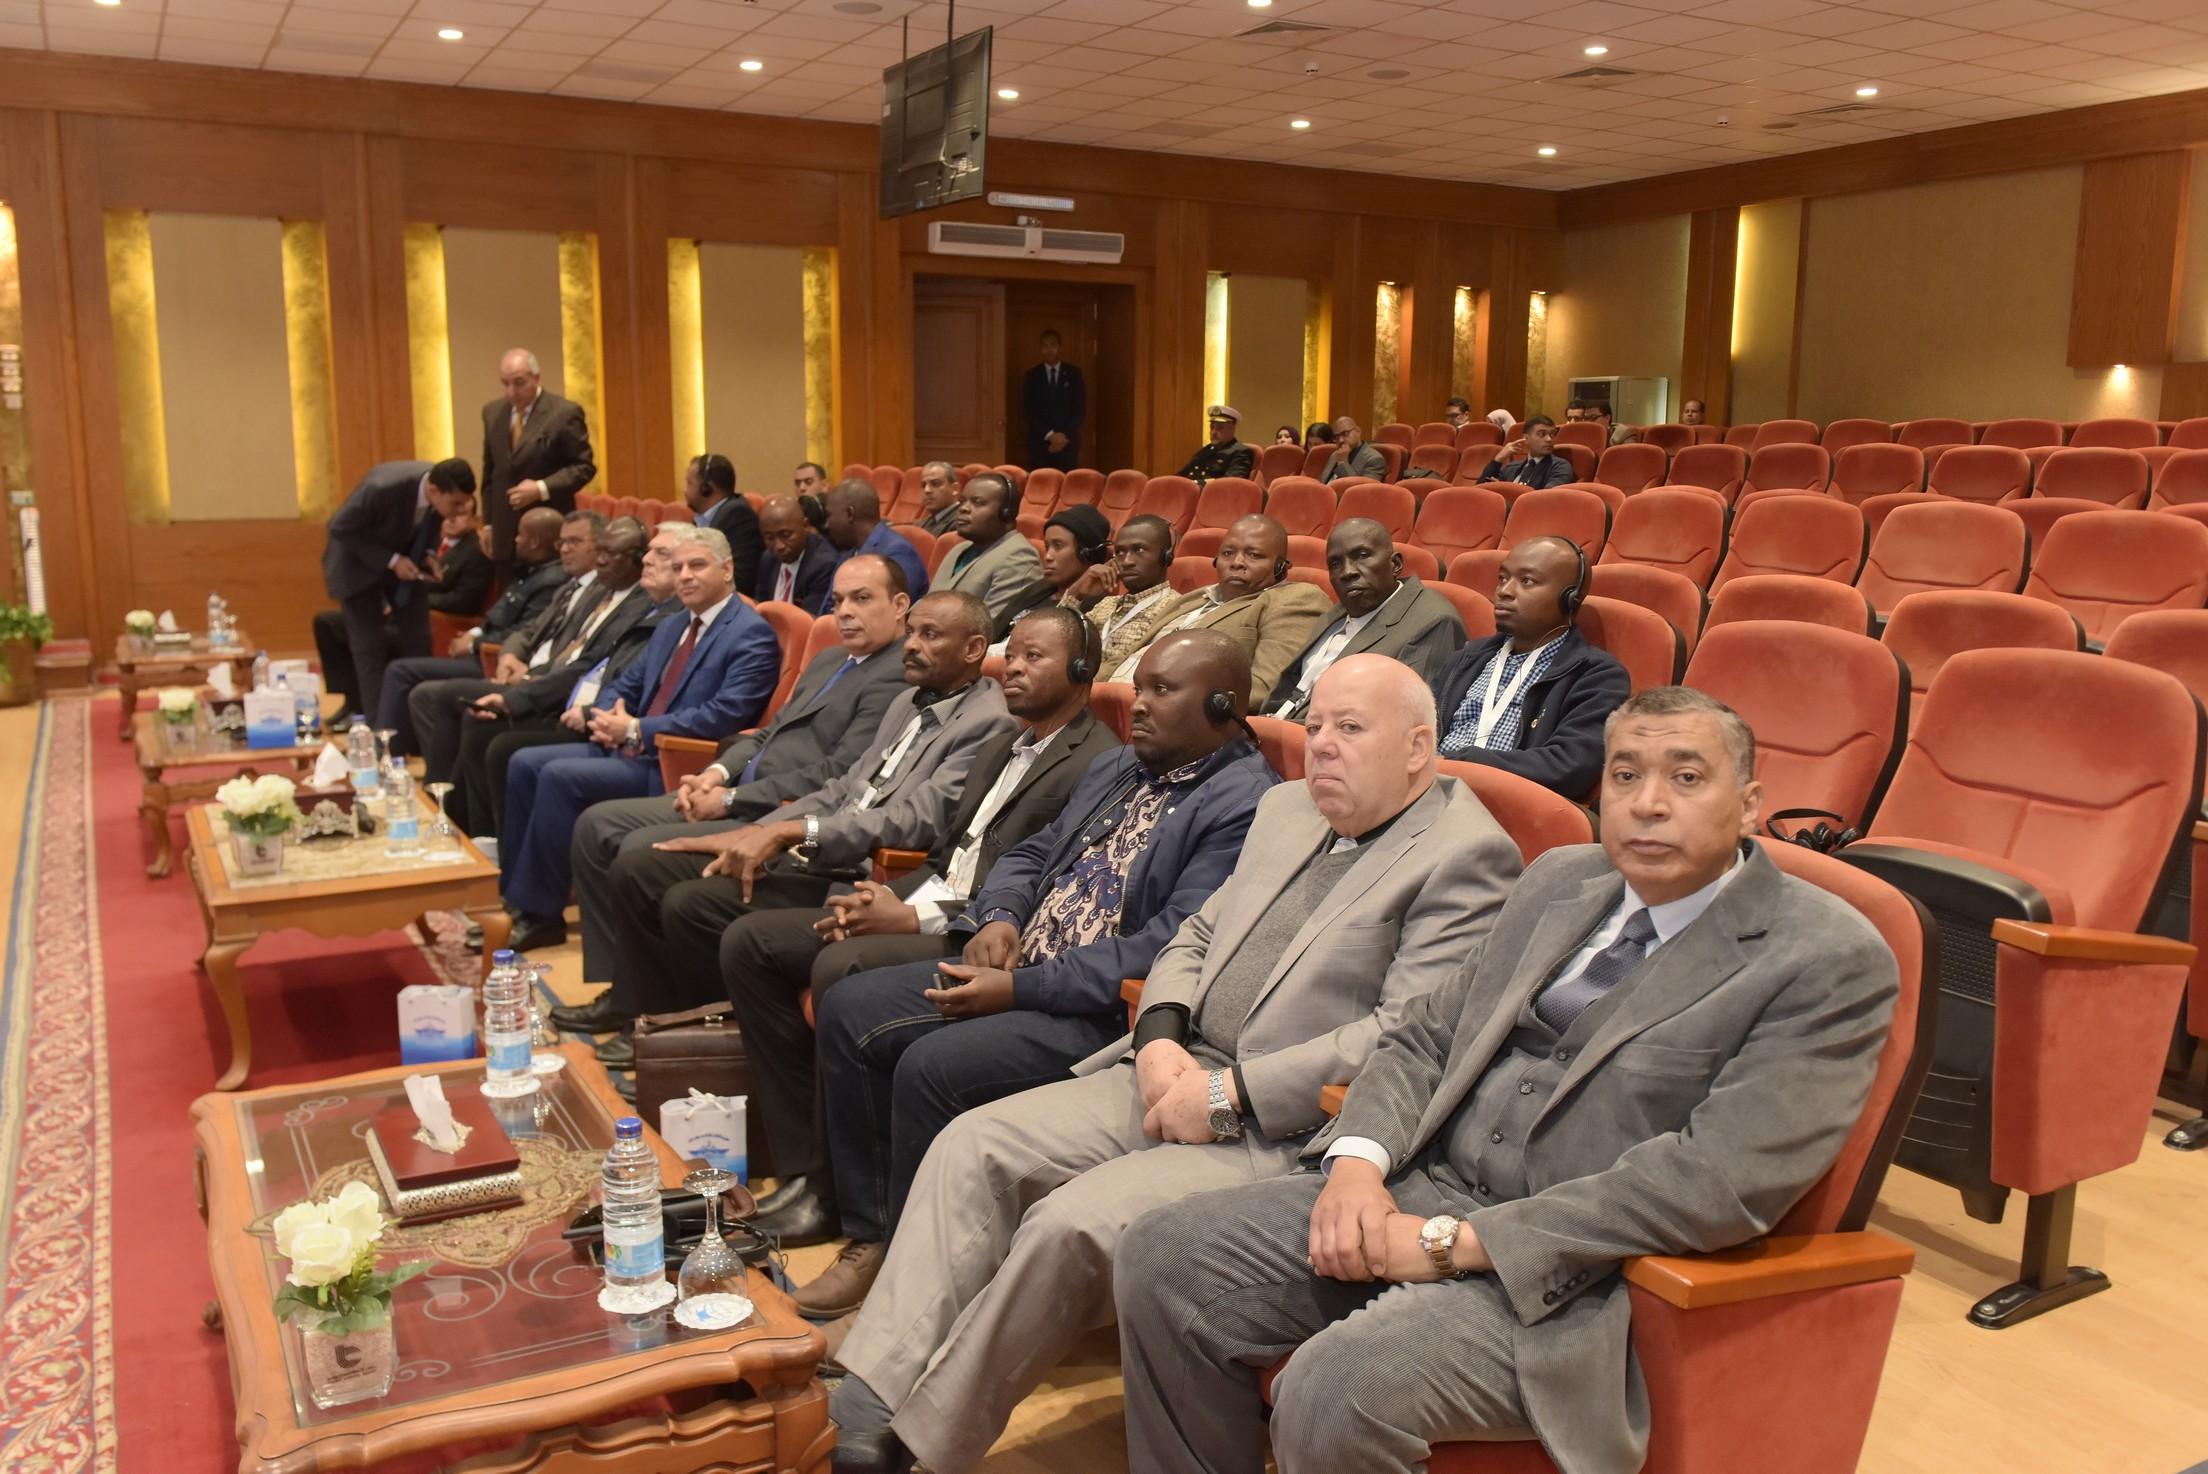 رئيس هيئة قناة السويس يستقبل وفد المشاركين في المنتدى الإفريقيالسادس  (5)